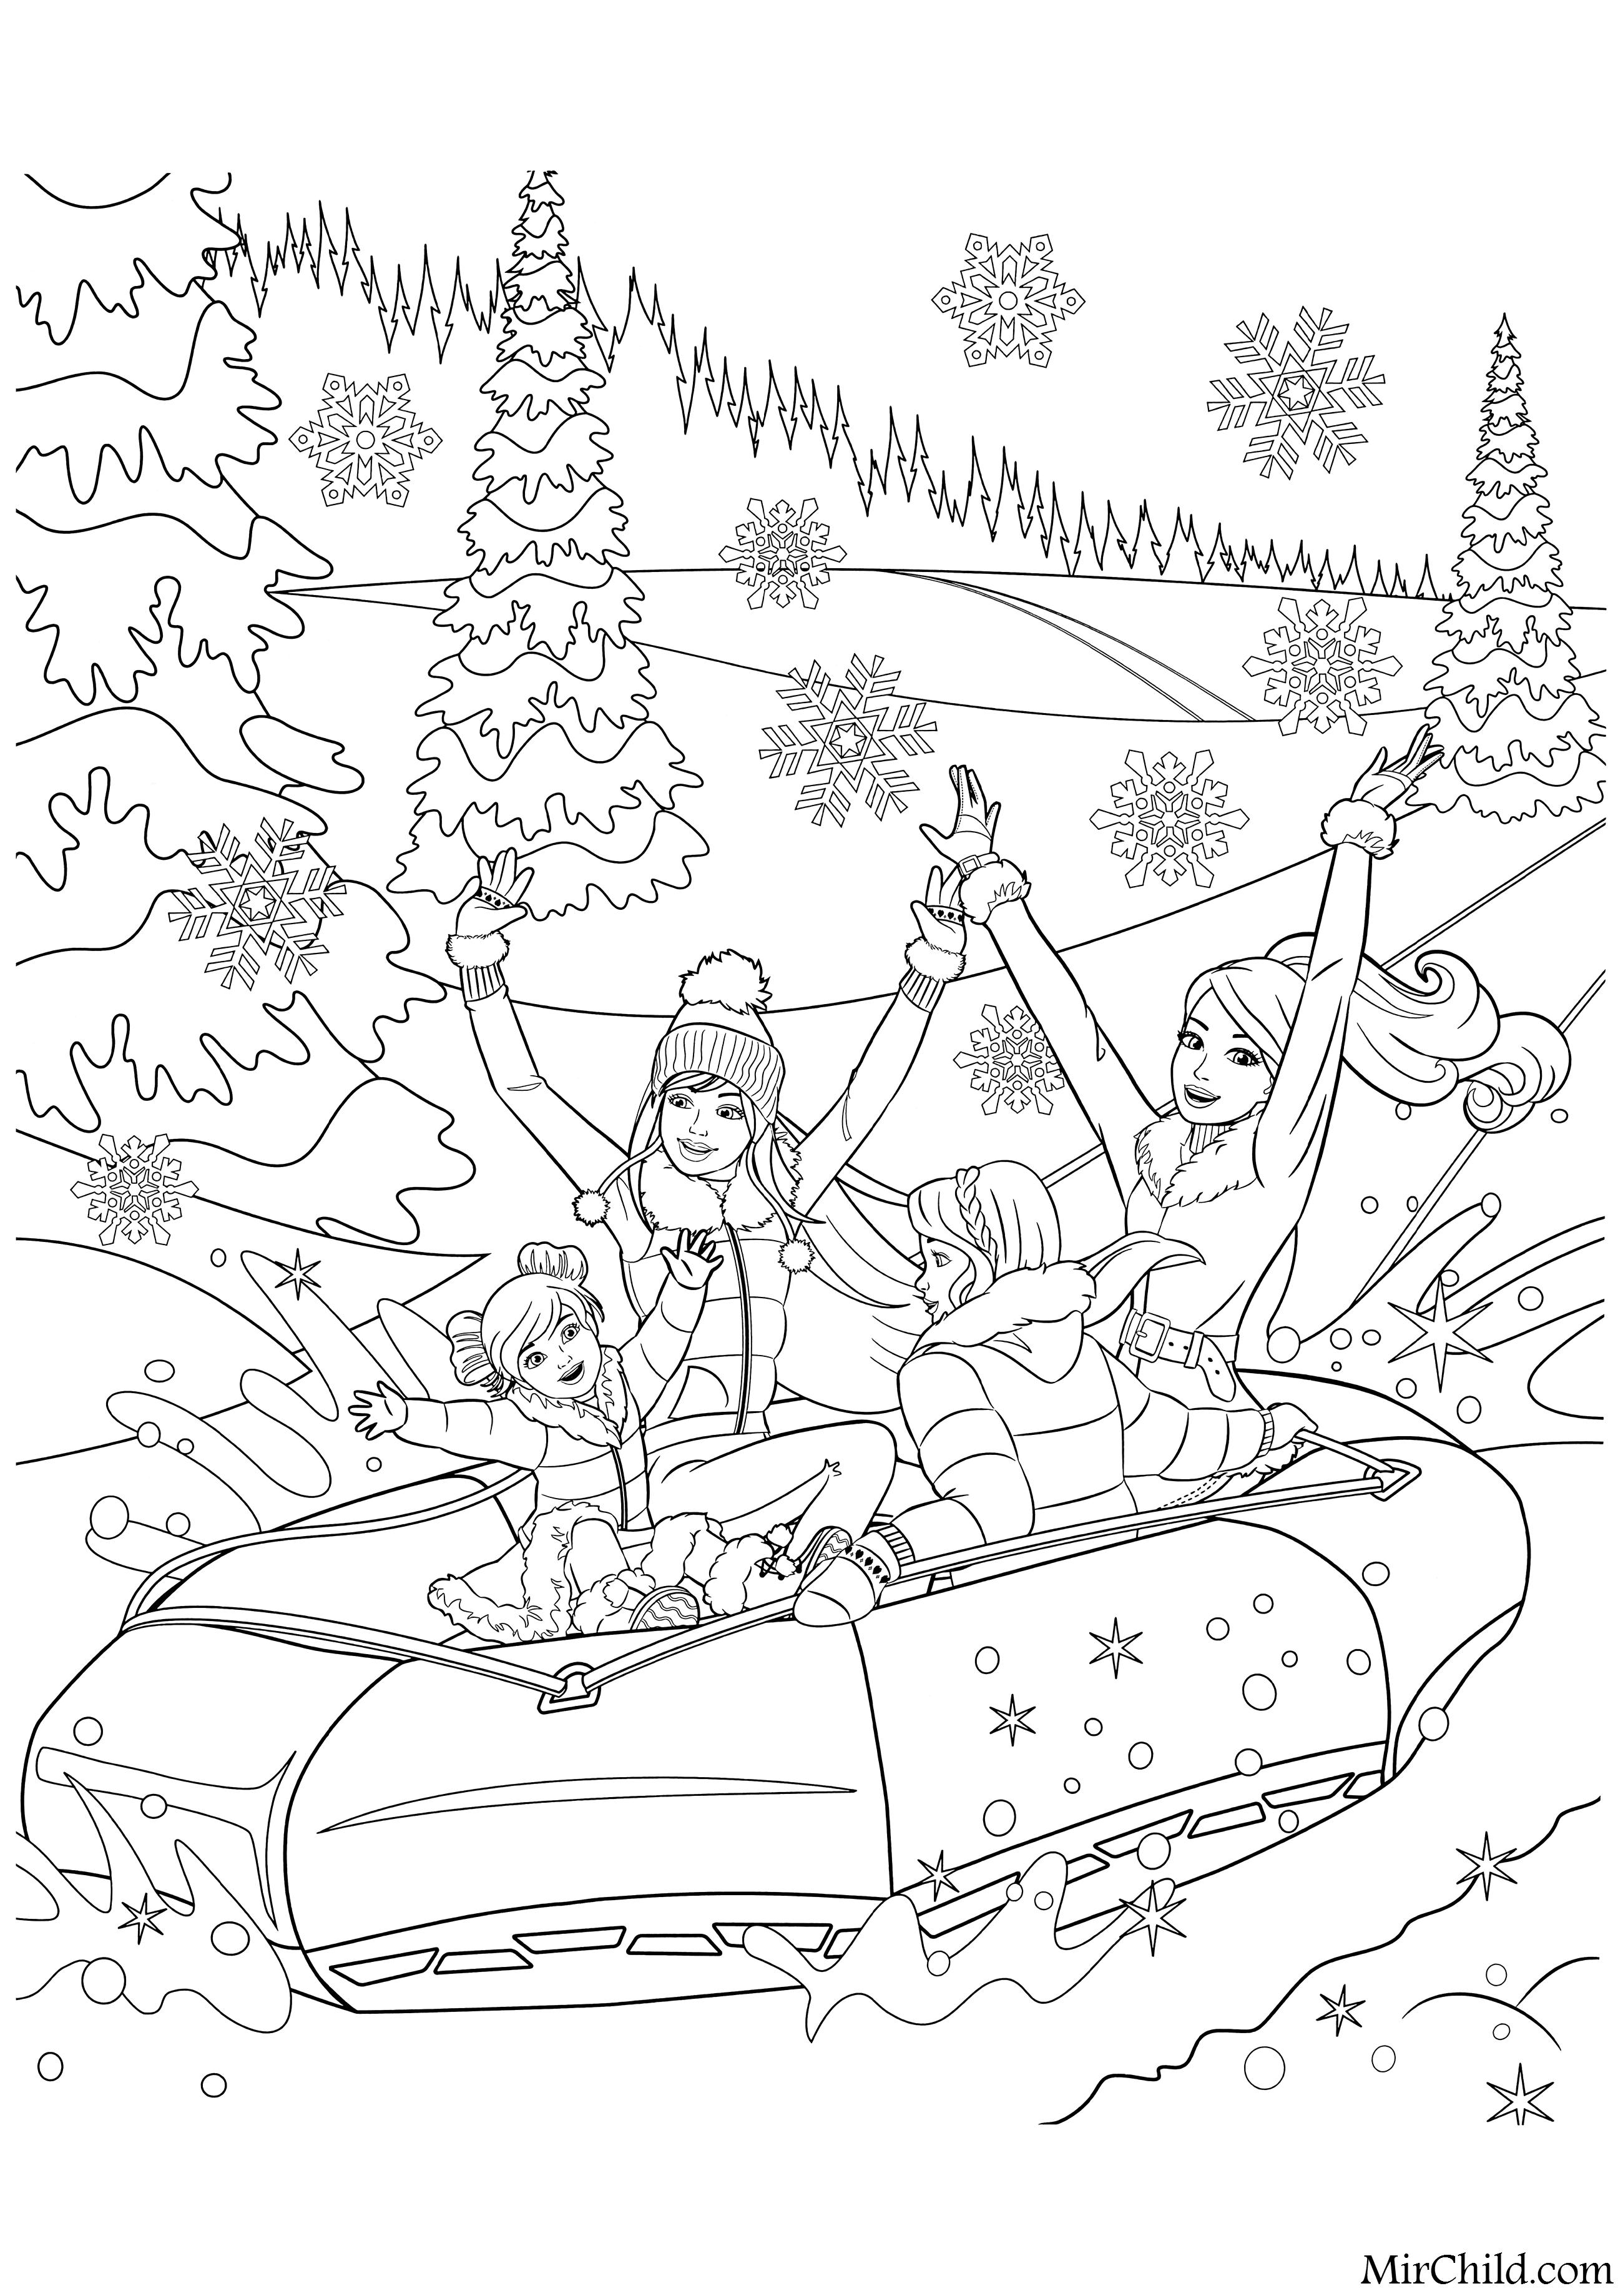 Раскраска - Барби - Барби с подругами катятся с горки на ...